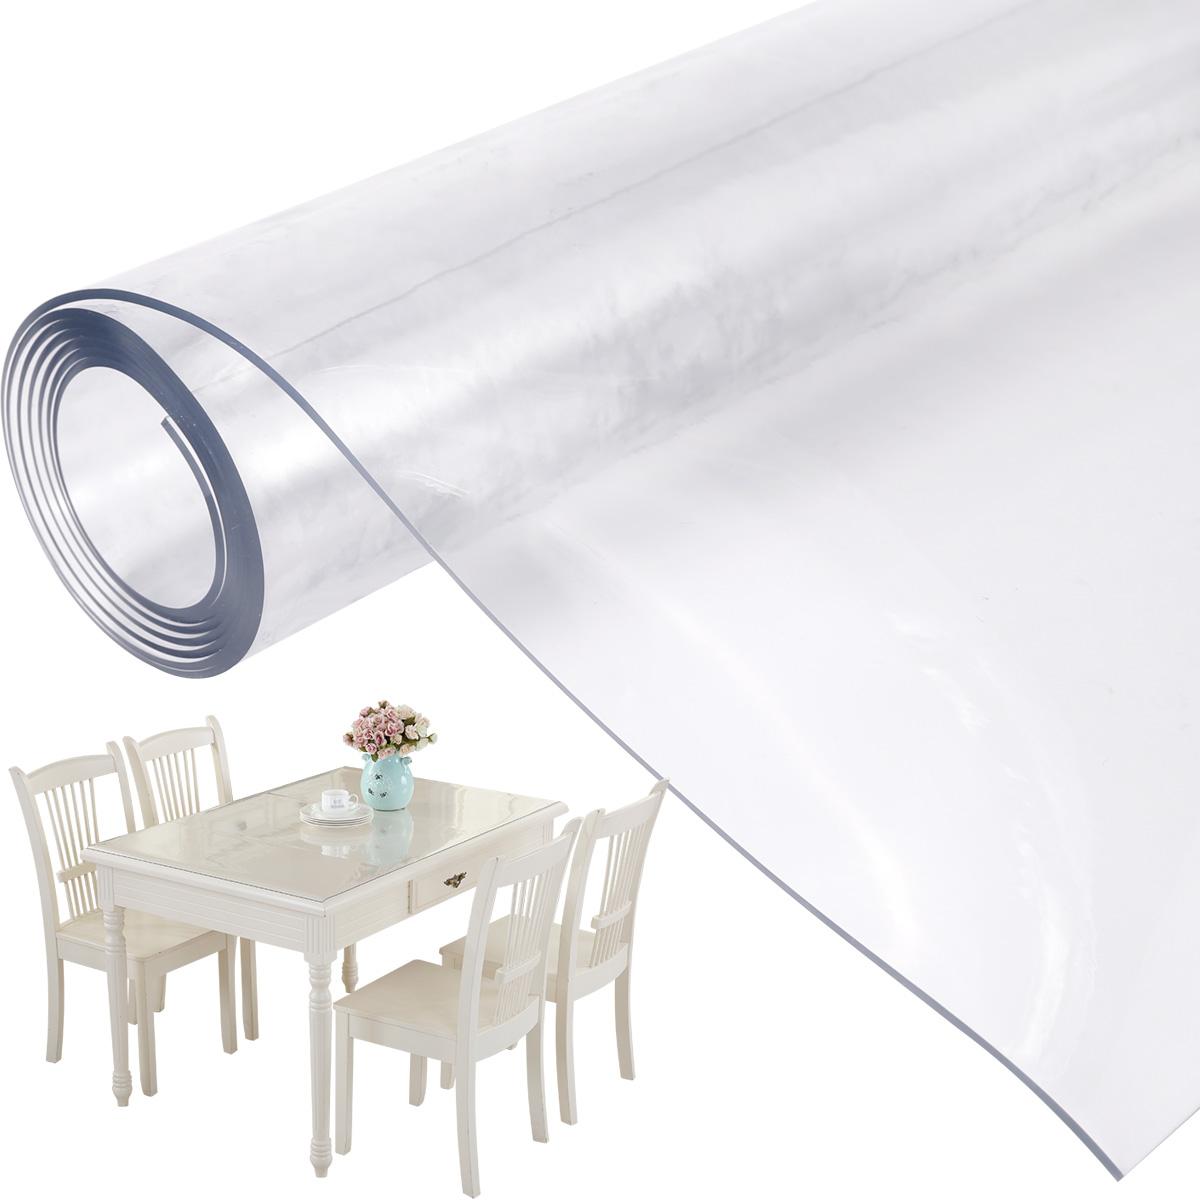 tischdecke tischmatte tischfolie tischschutz folie 2mm transparent glasklar ebay. Black Bedroom Furniture Sets. Home Design Ideas